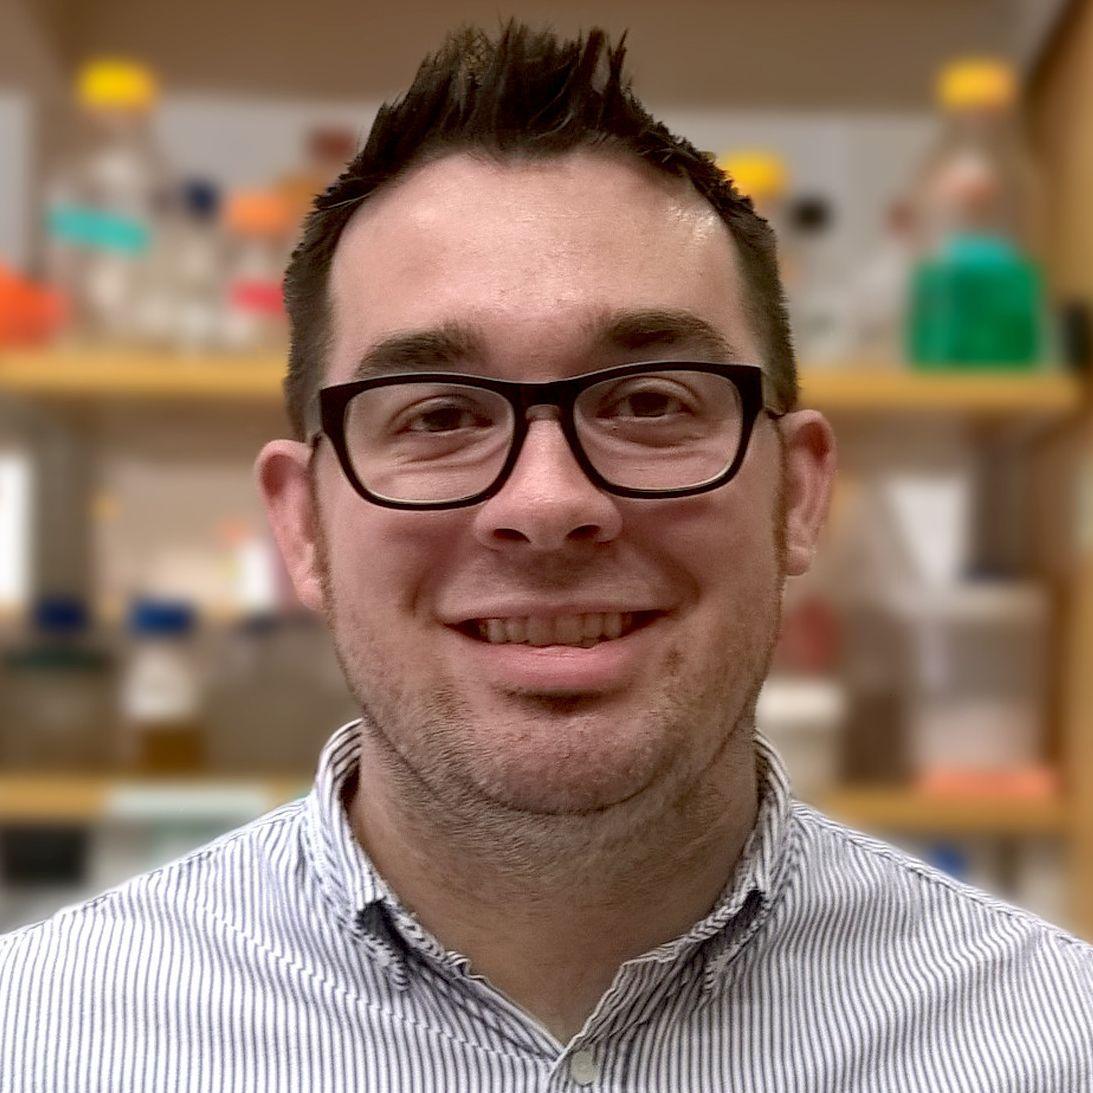 Headshot of Jonathan Schlebach.